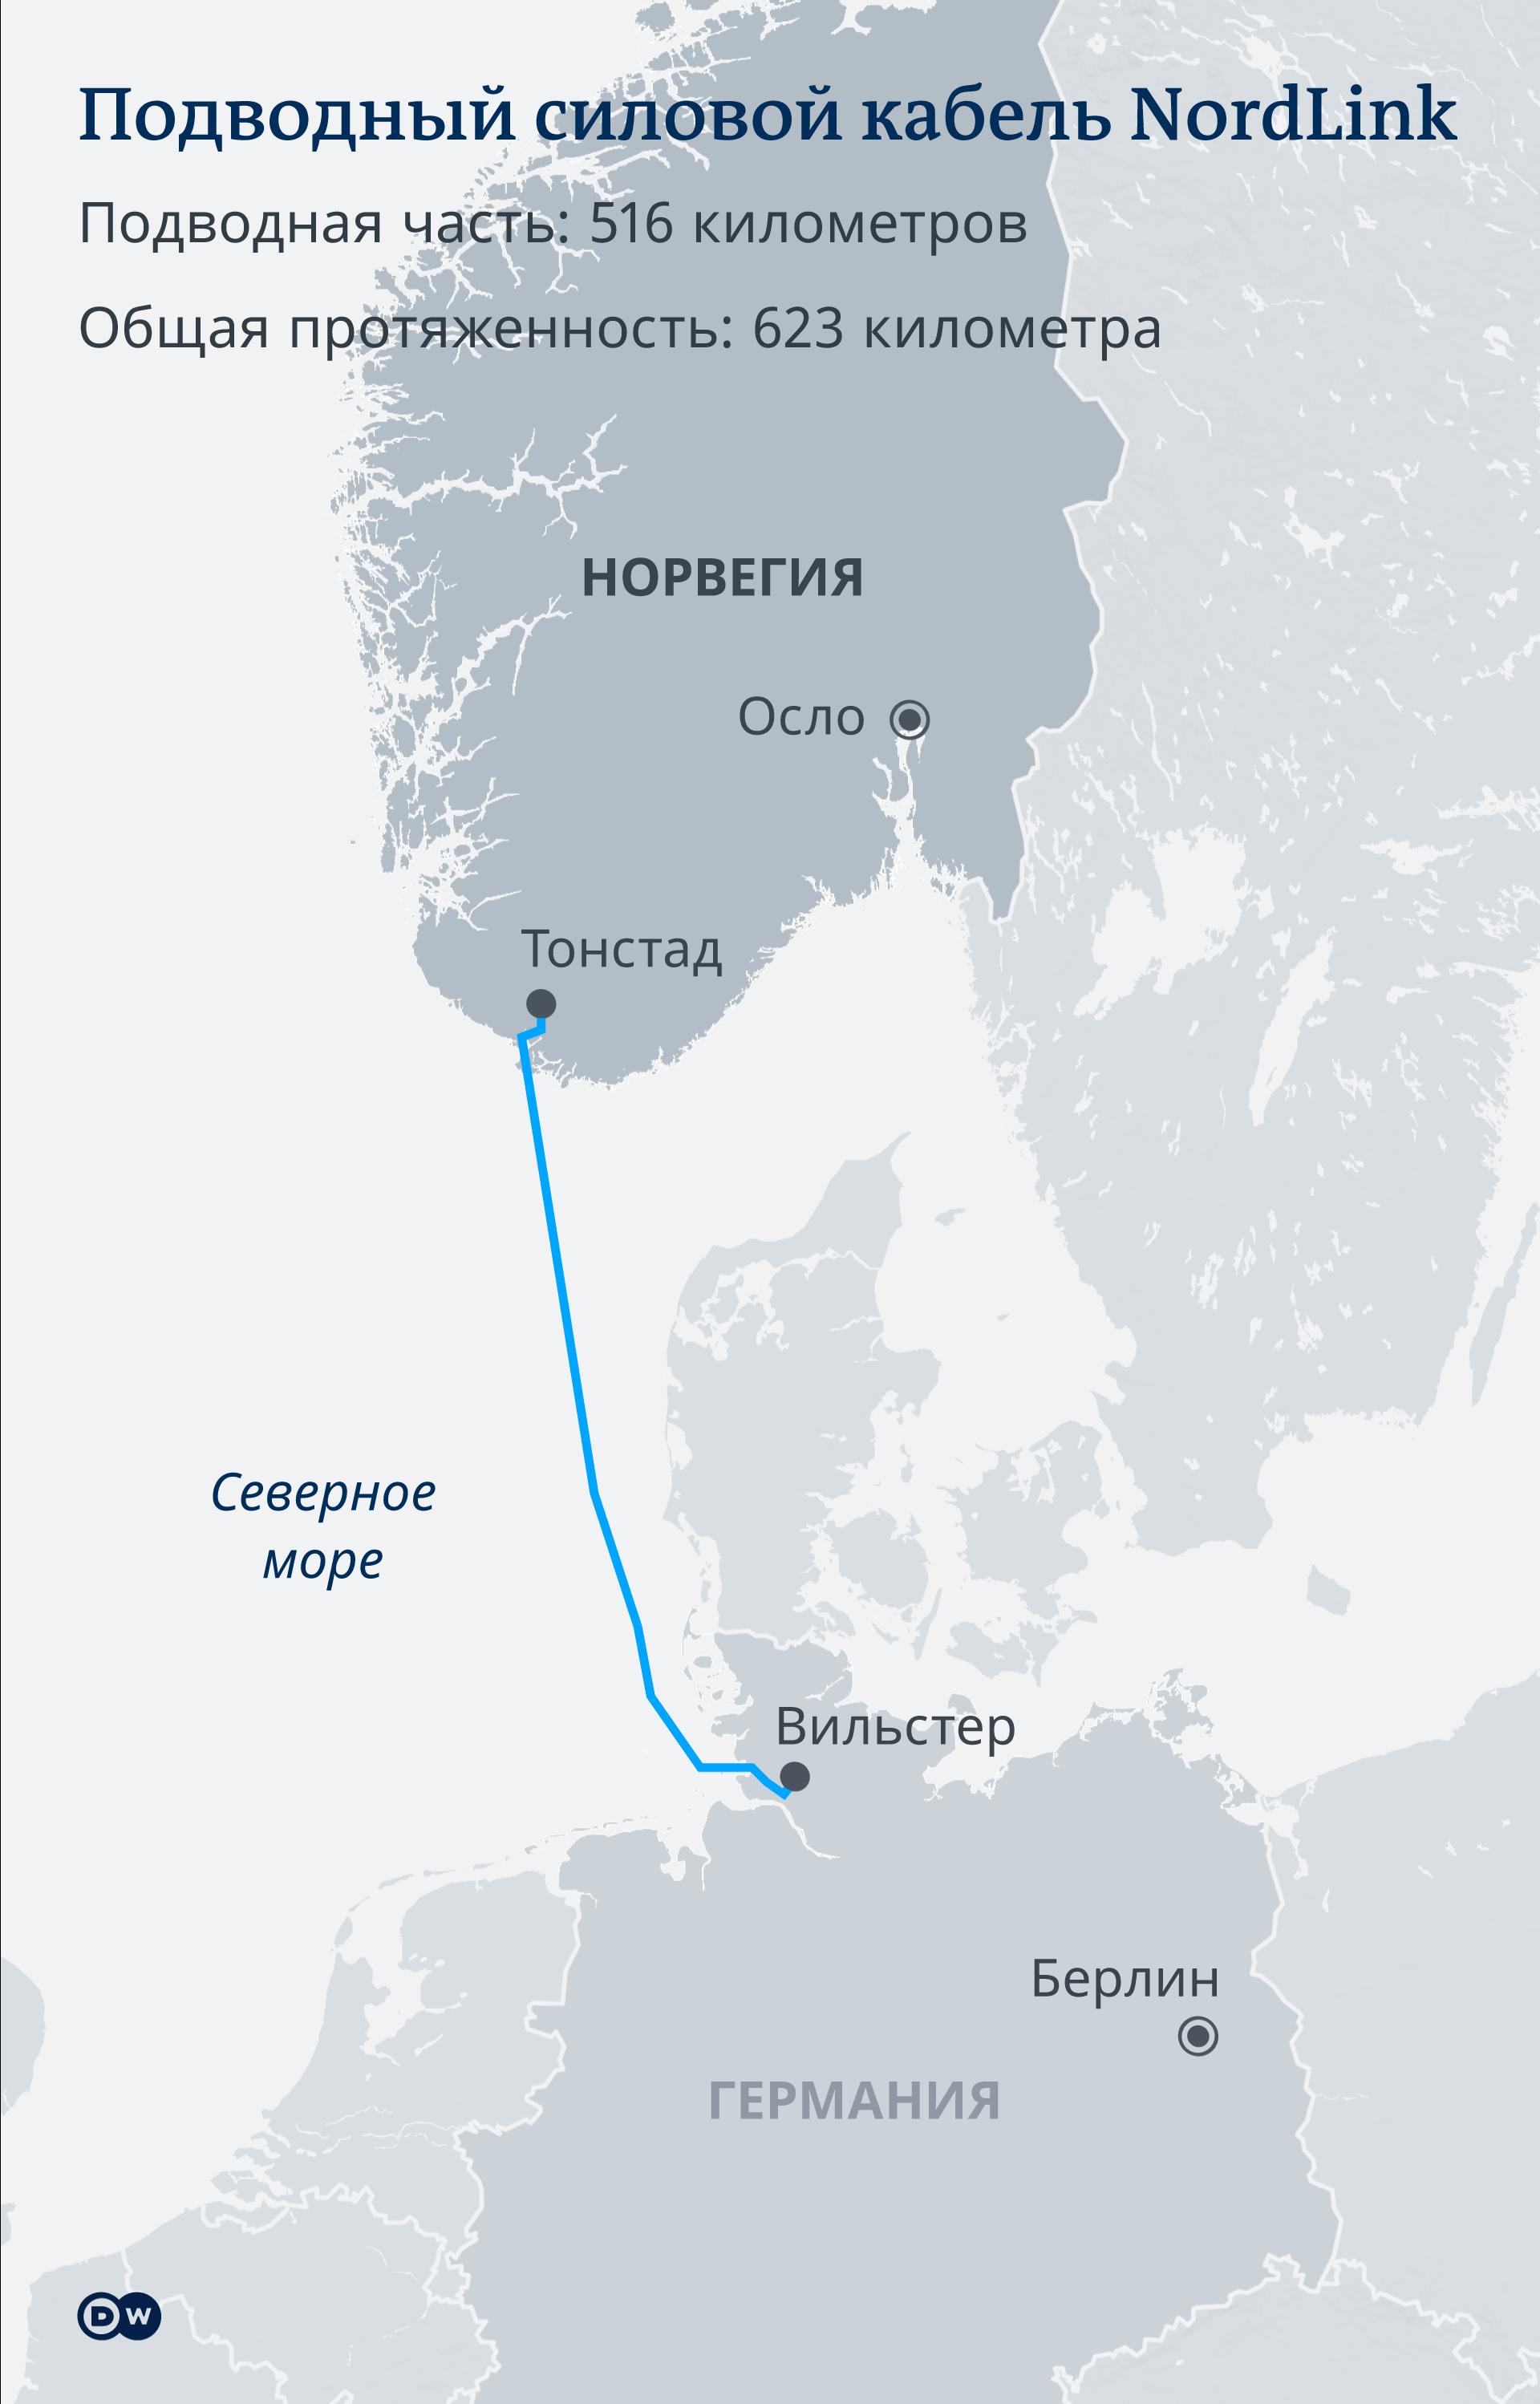 Инфографика Подводный силовой кабель NordLink